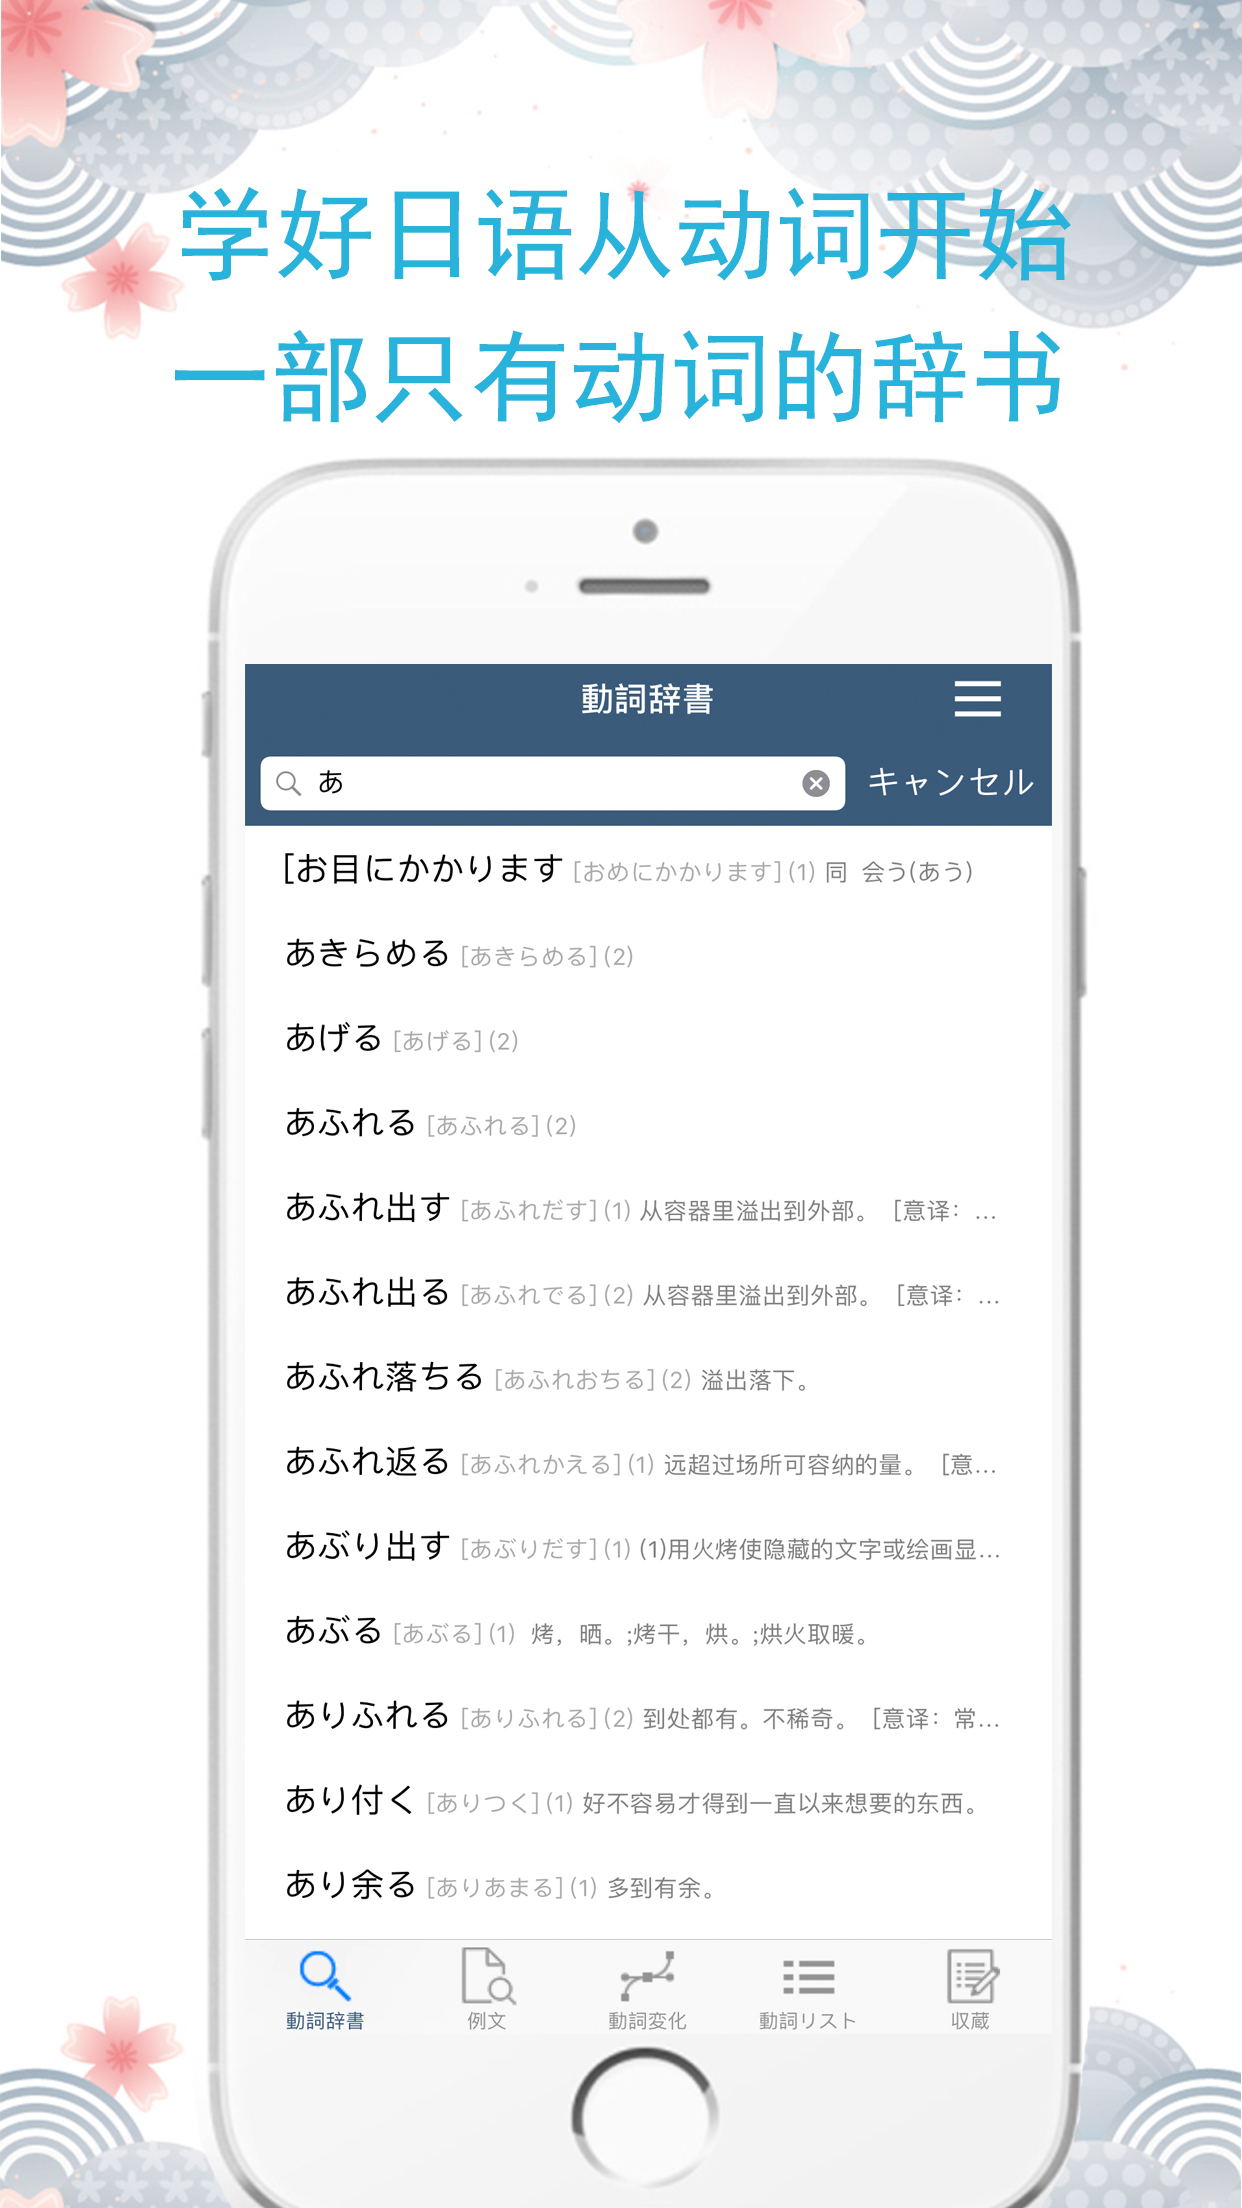 日语动词词典-日语例句大全截图1